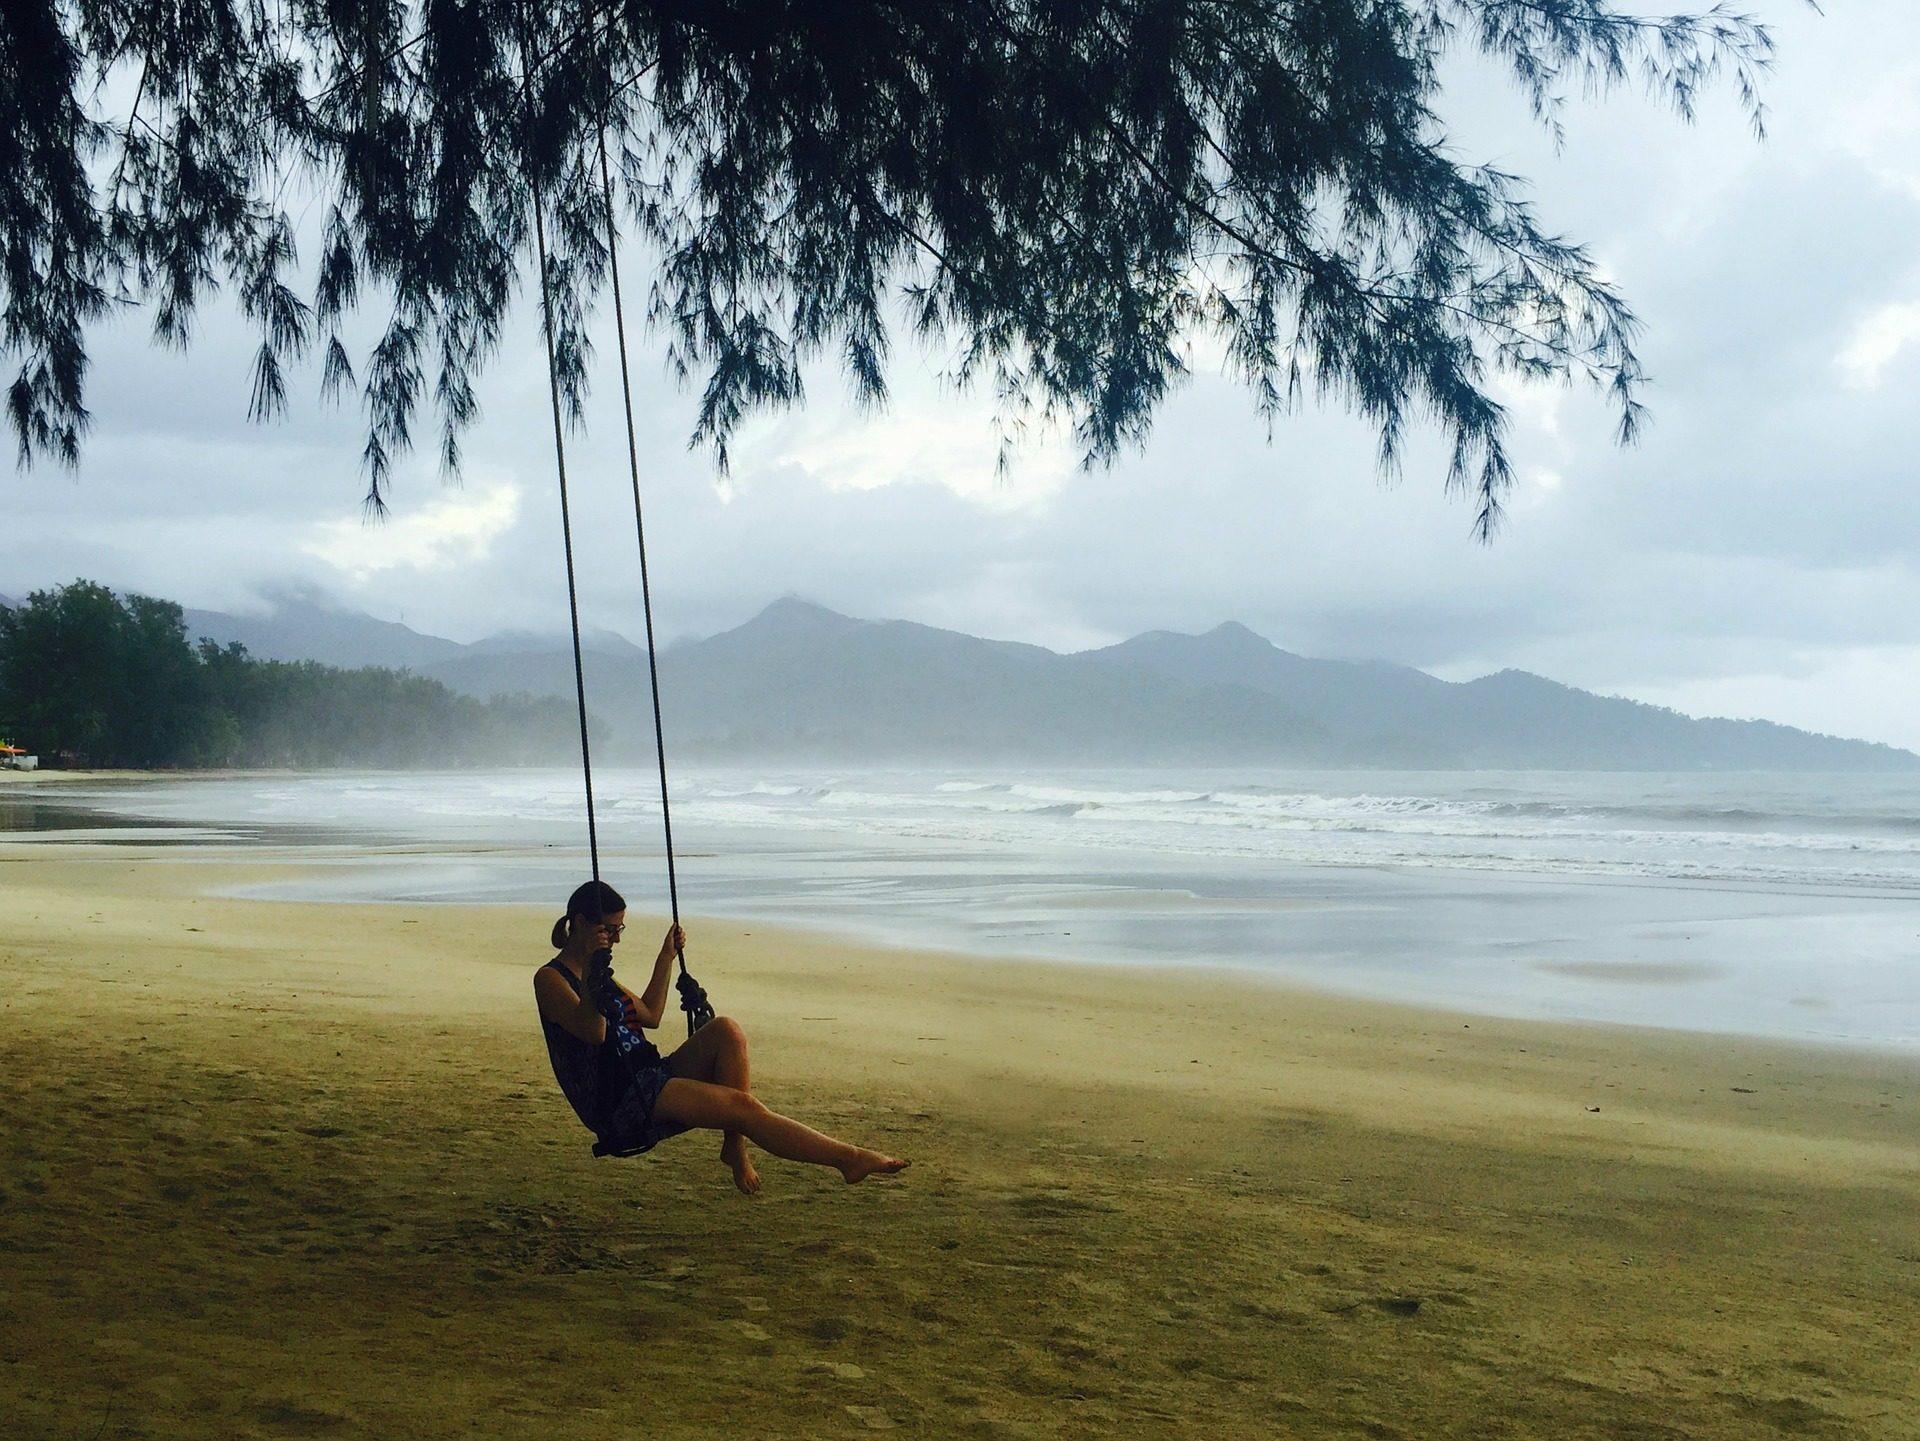 Plage, sable, Swing, corde, arbre, femme, se détendre - Fonds d'écran HD - Professor-falken.com